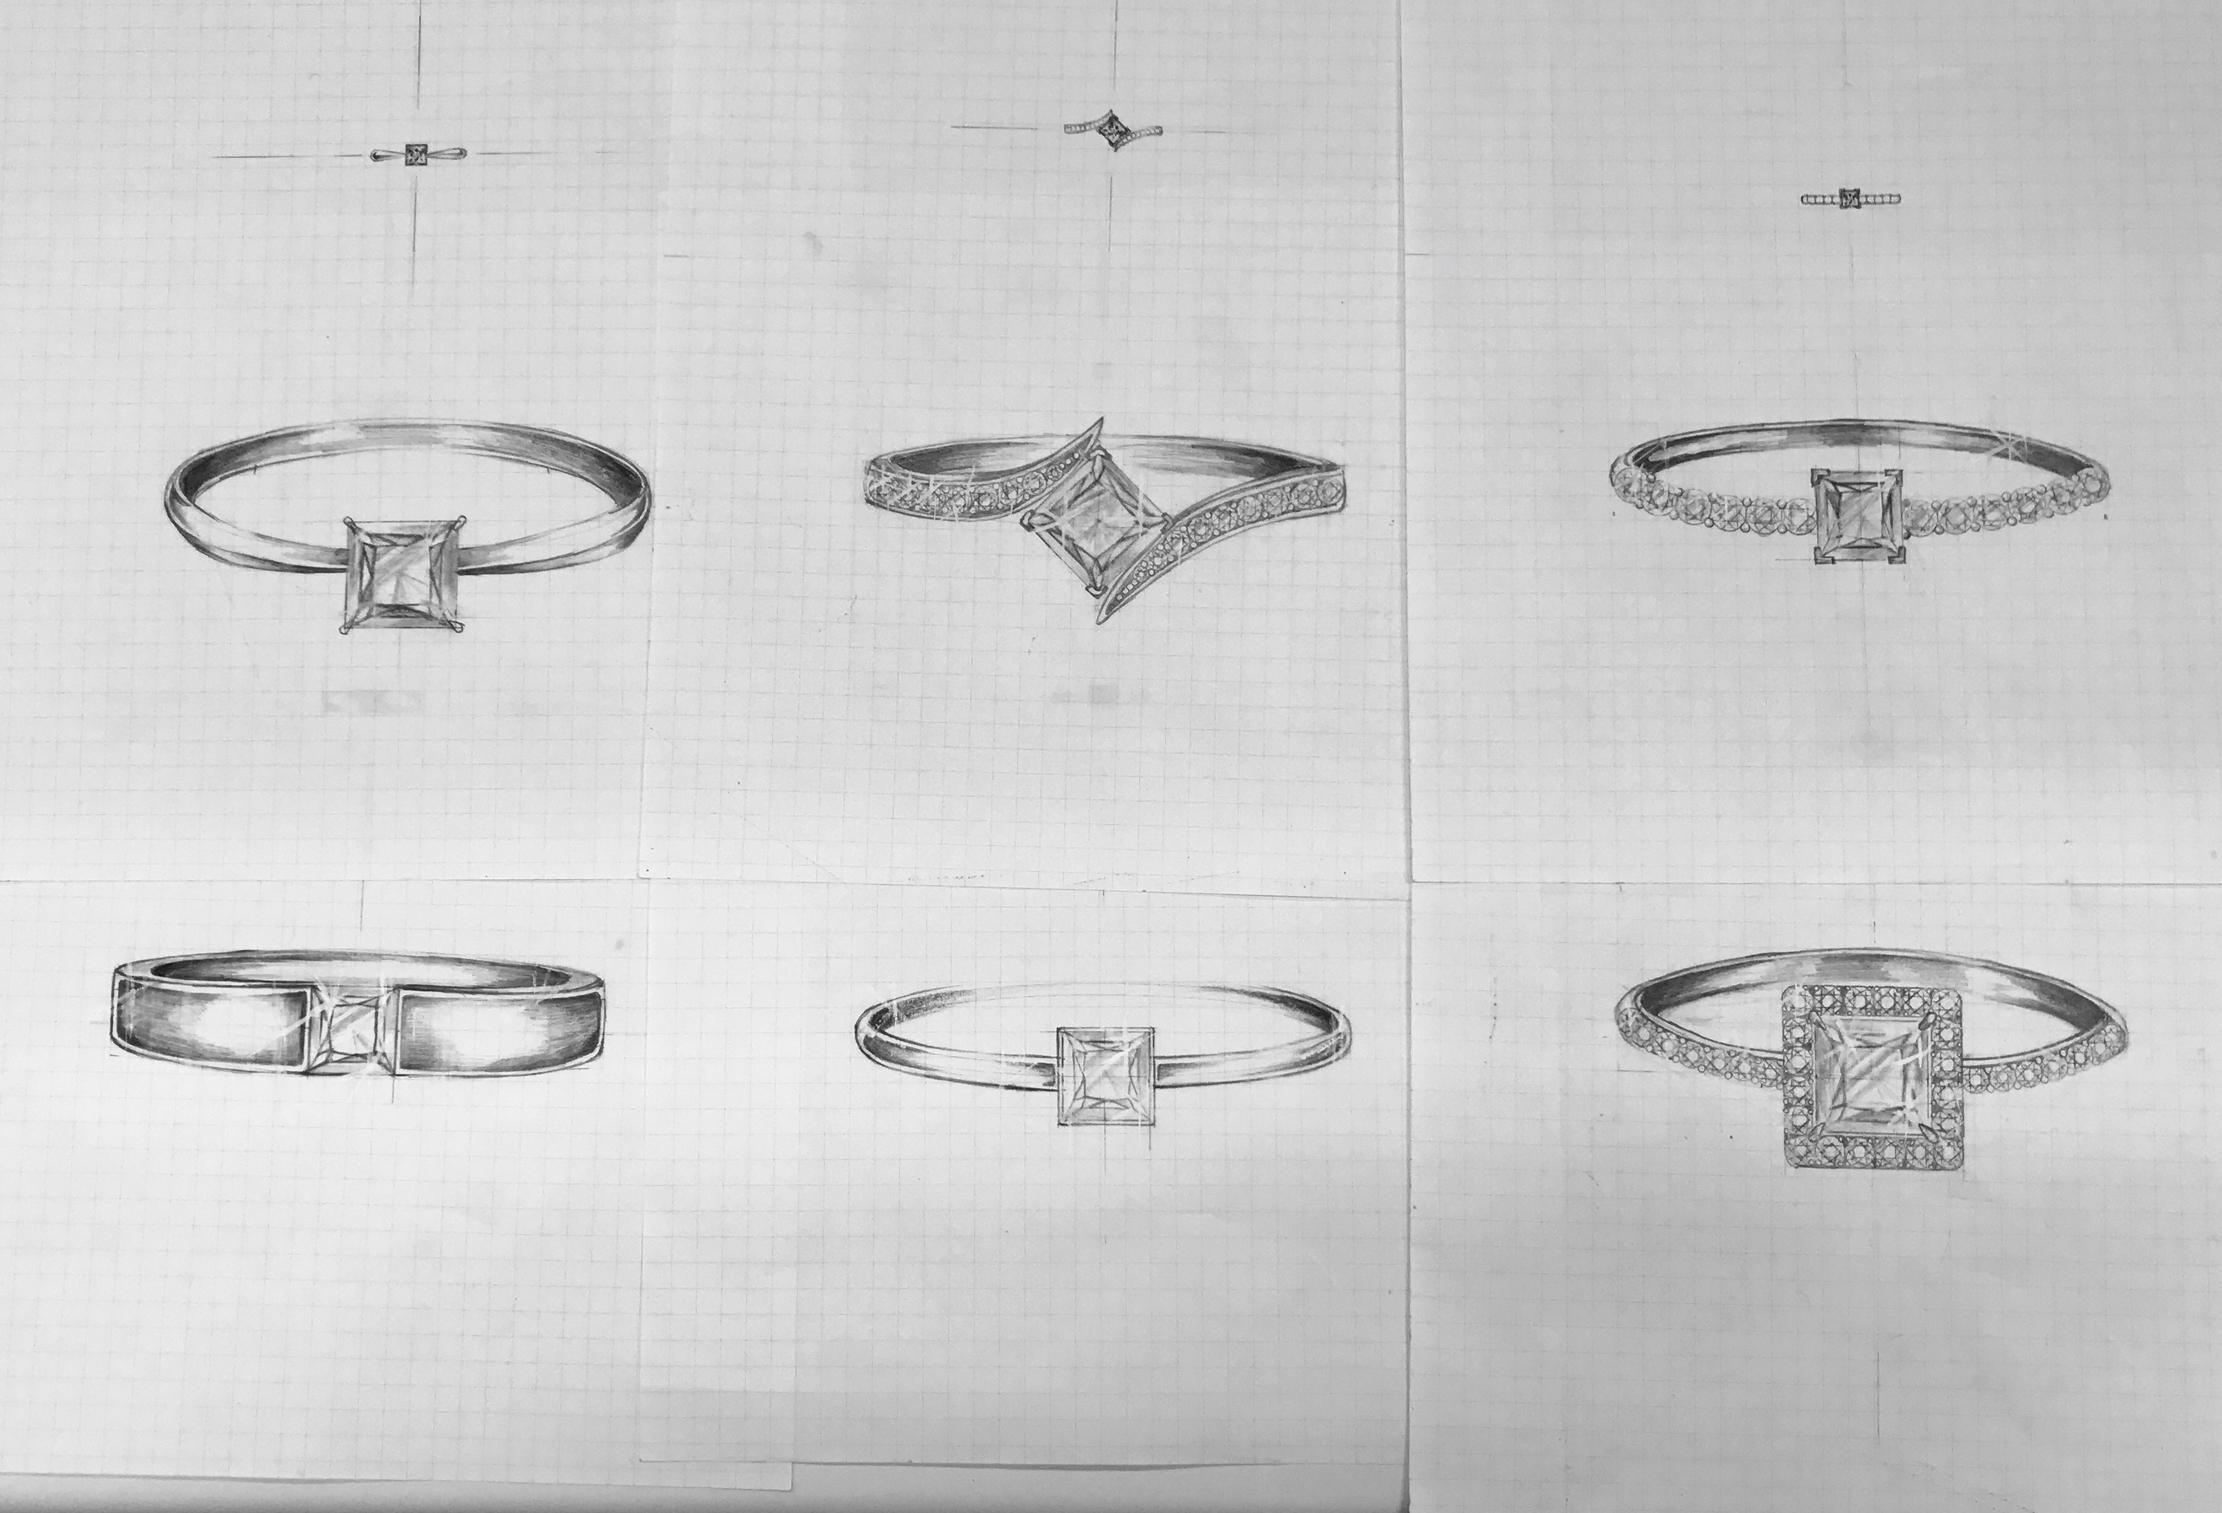 【浜松市】世界にひとつだけ♡オーダーメイドの婚約指輪・結婚指輪 主役のダイヤモンド 気品あふれる「プリンセスカット」に注目